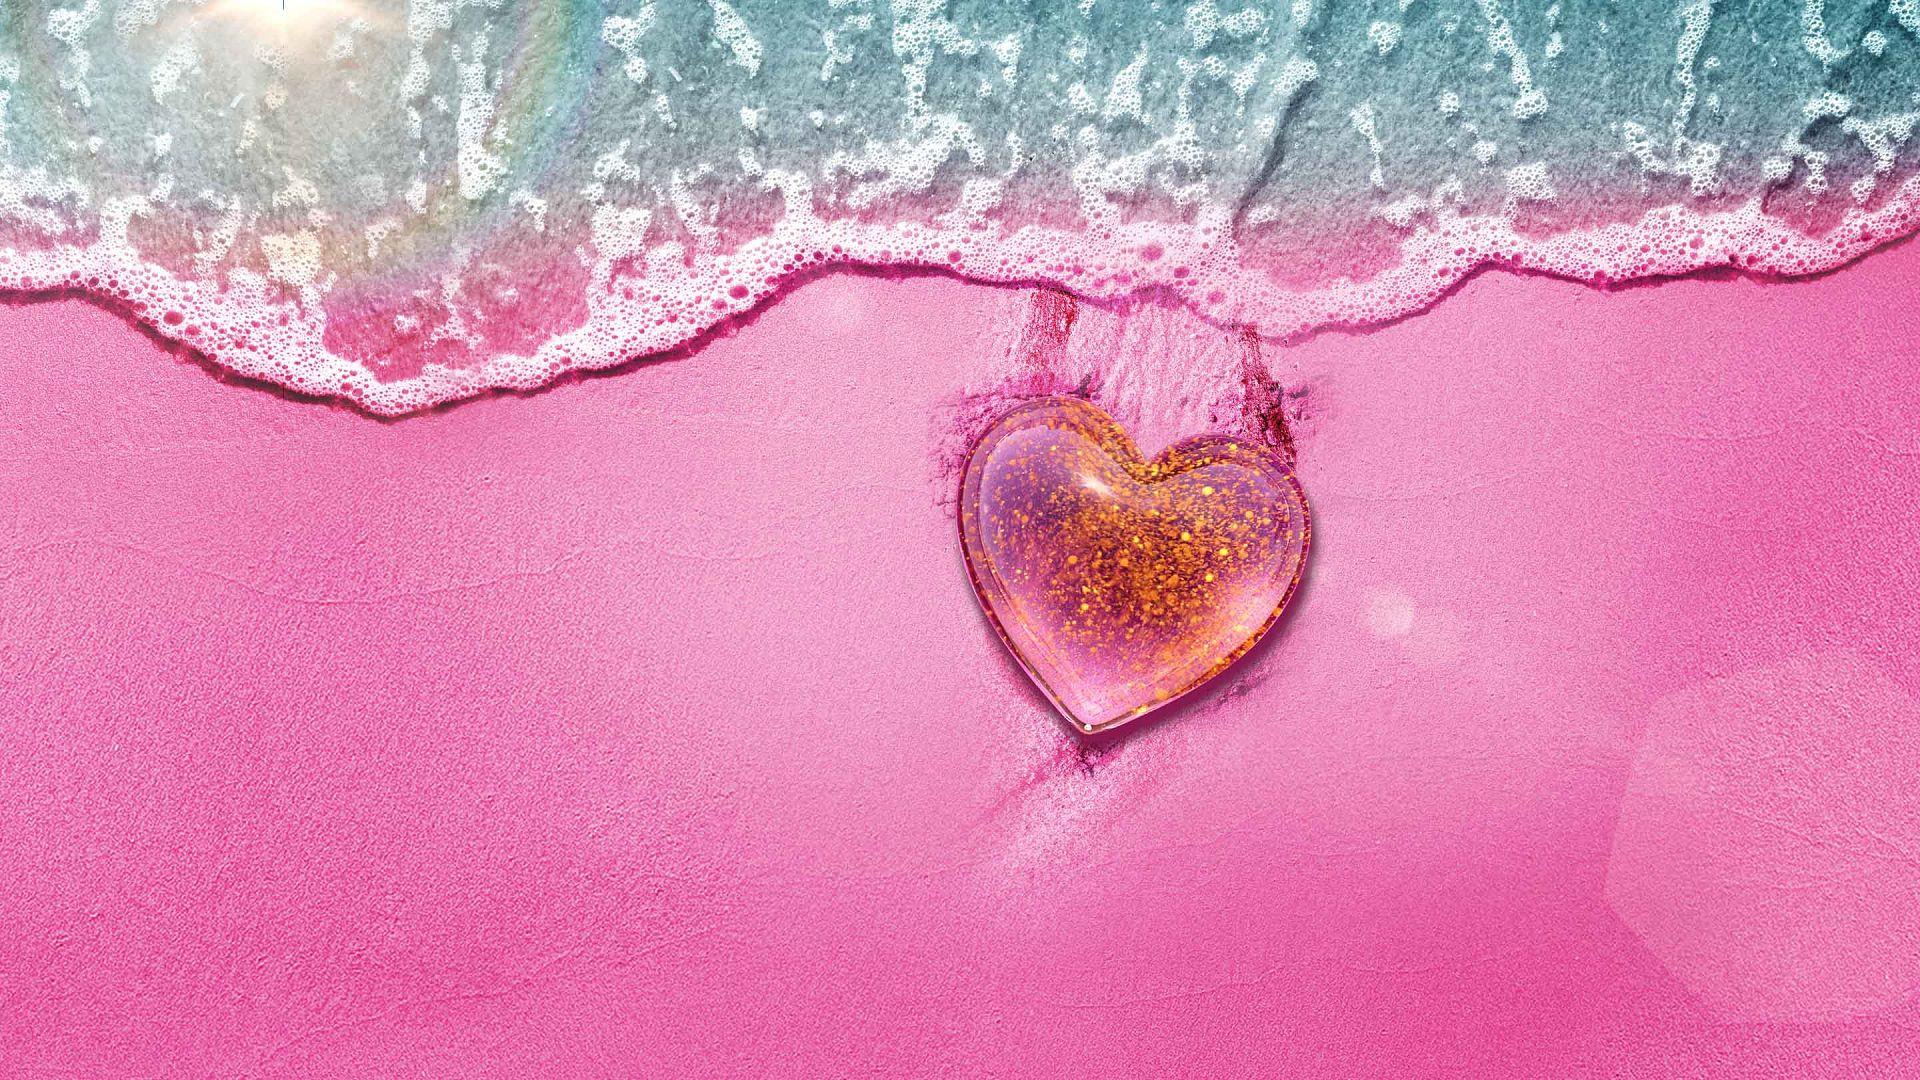 عشق و عاشقی و خصوصیت های عاشقی | طراحی حرفه ای سایت با فارسینو farsino فارسی نو